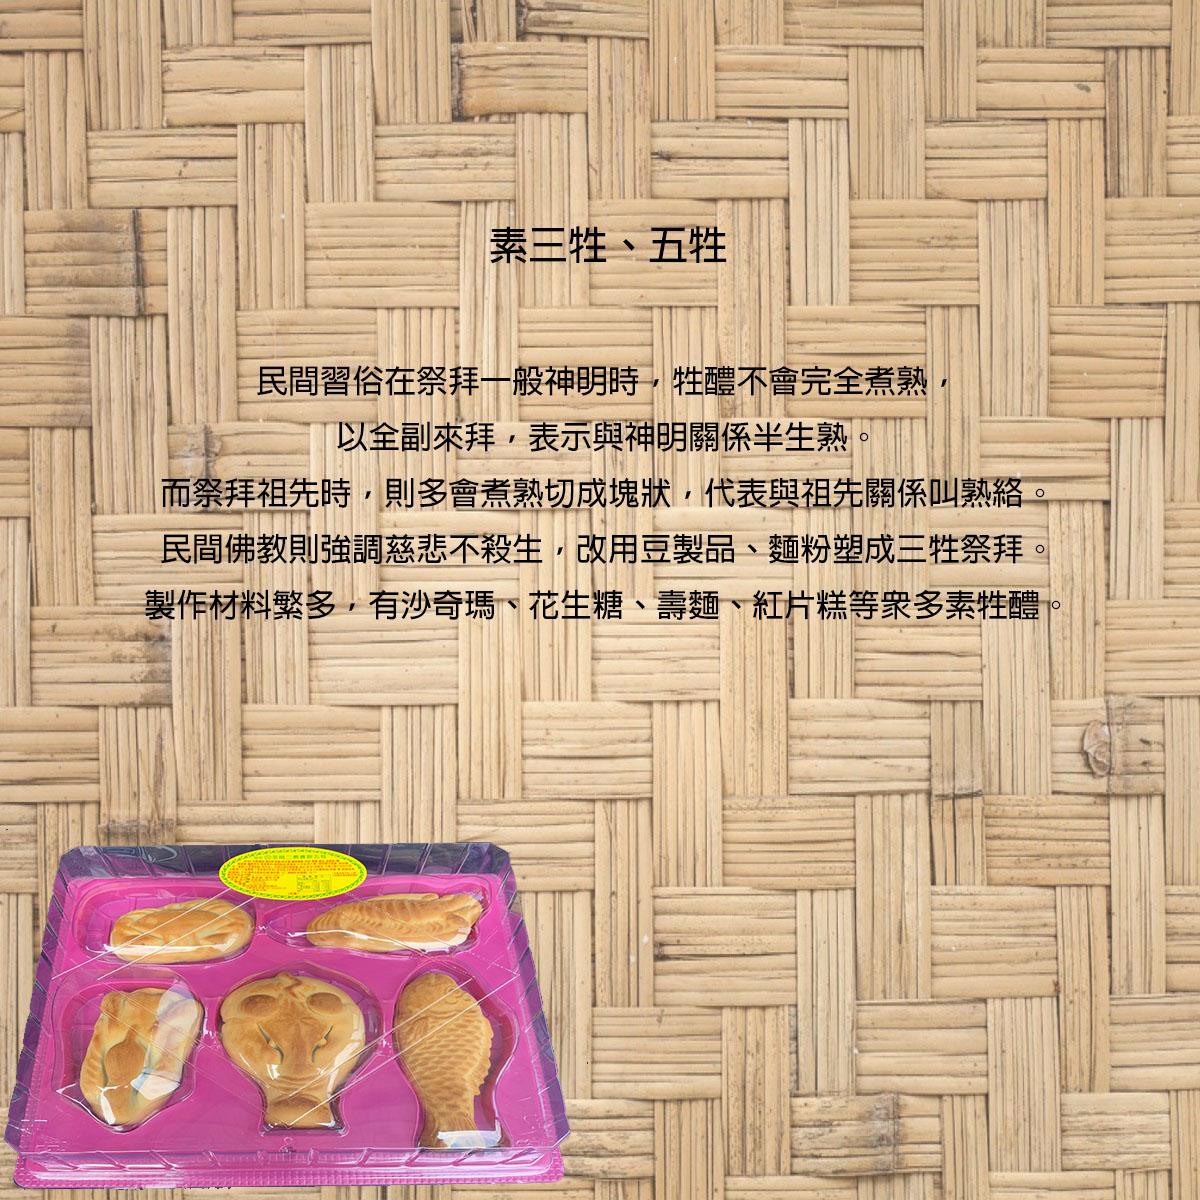 法事祭品-尾日香齋素六飯菜全組含已煮八珍藥壺